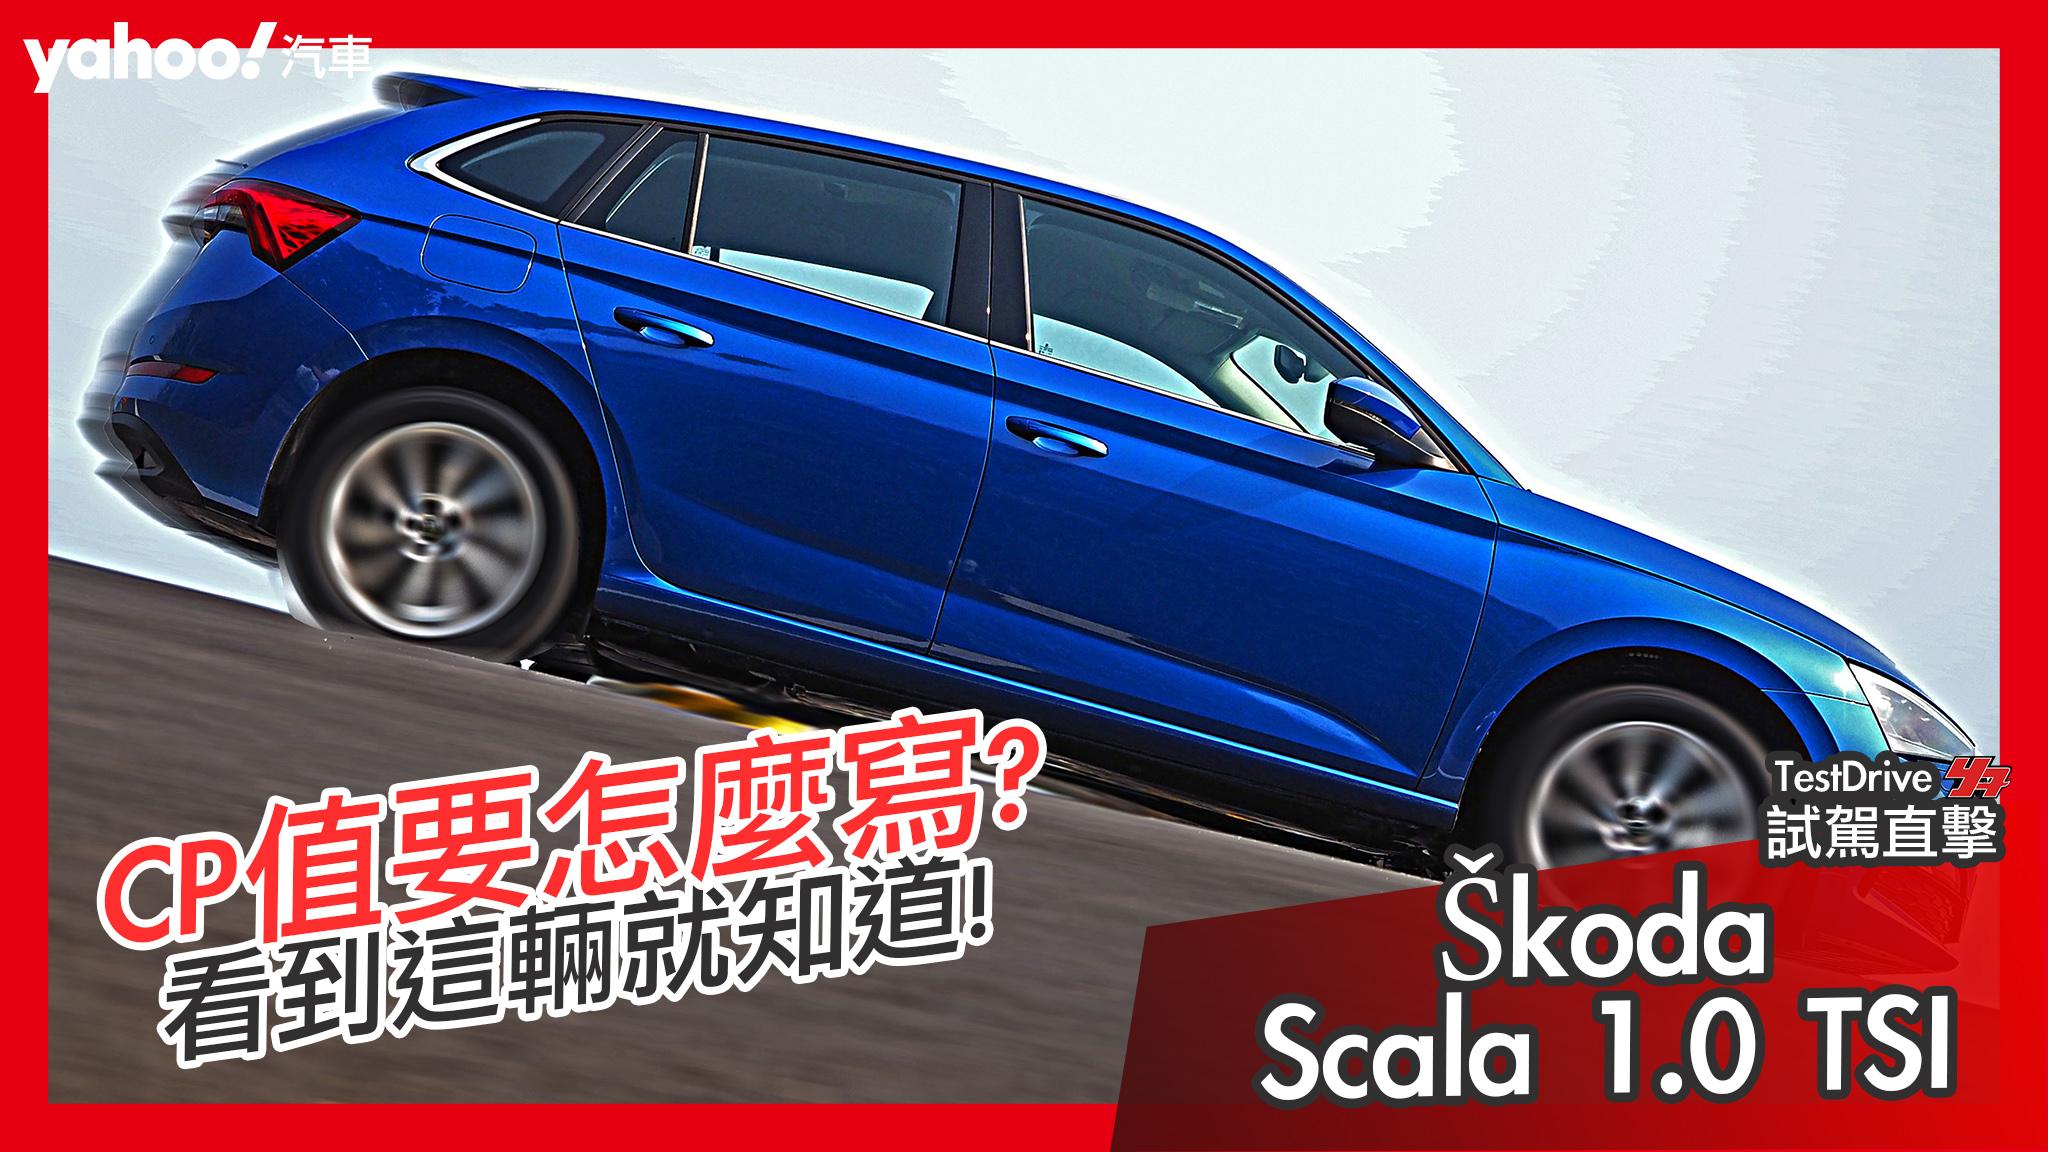 【試駕直擊】遍遍是驚喜、處處是彩蛋!2020 Škoda Scala 1.0 TSI豪華動能版屏東小琉球環島試駕